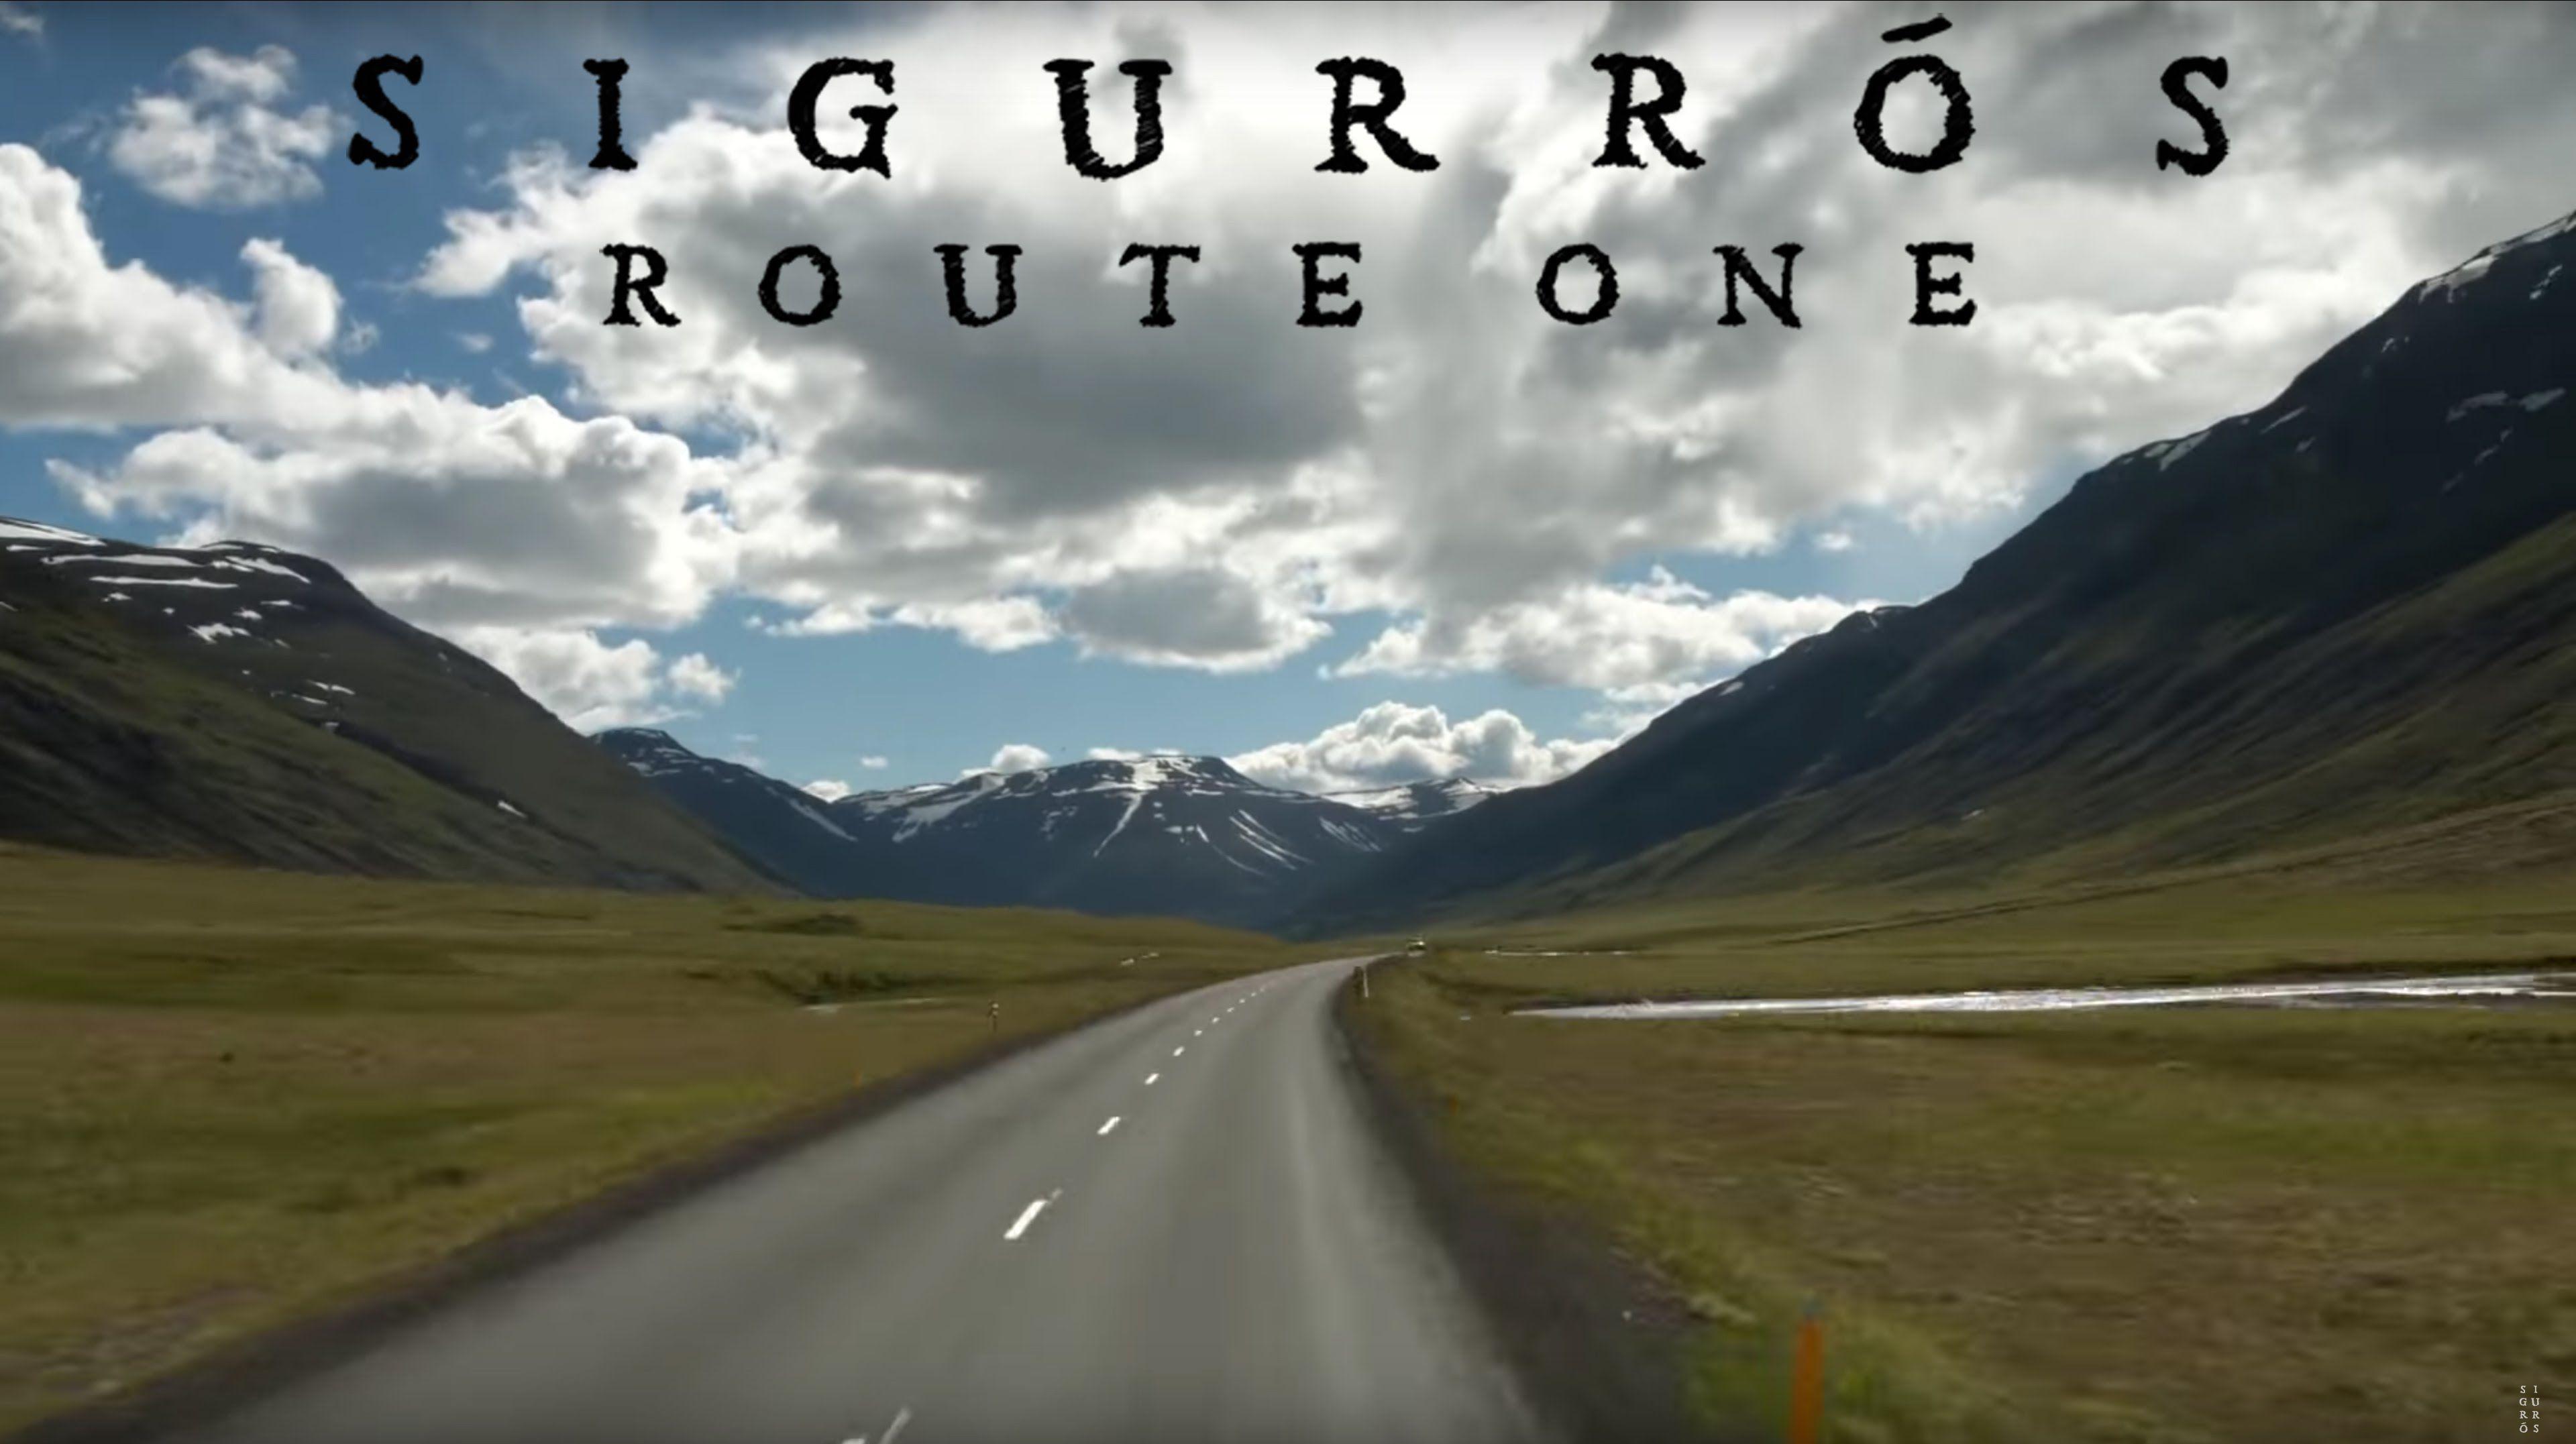 Sigur Rós - Route One - Film (2016)